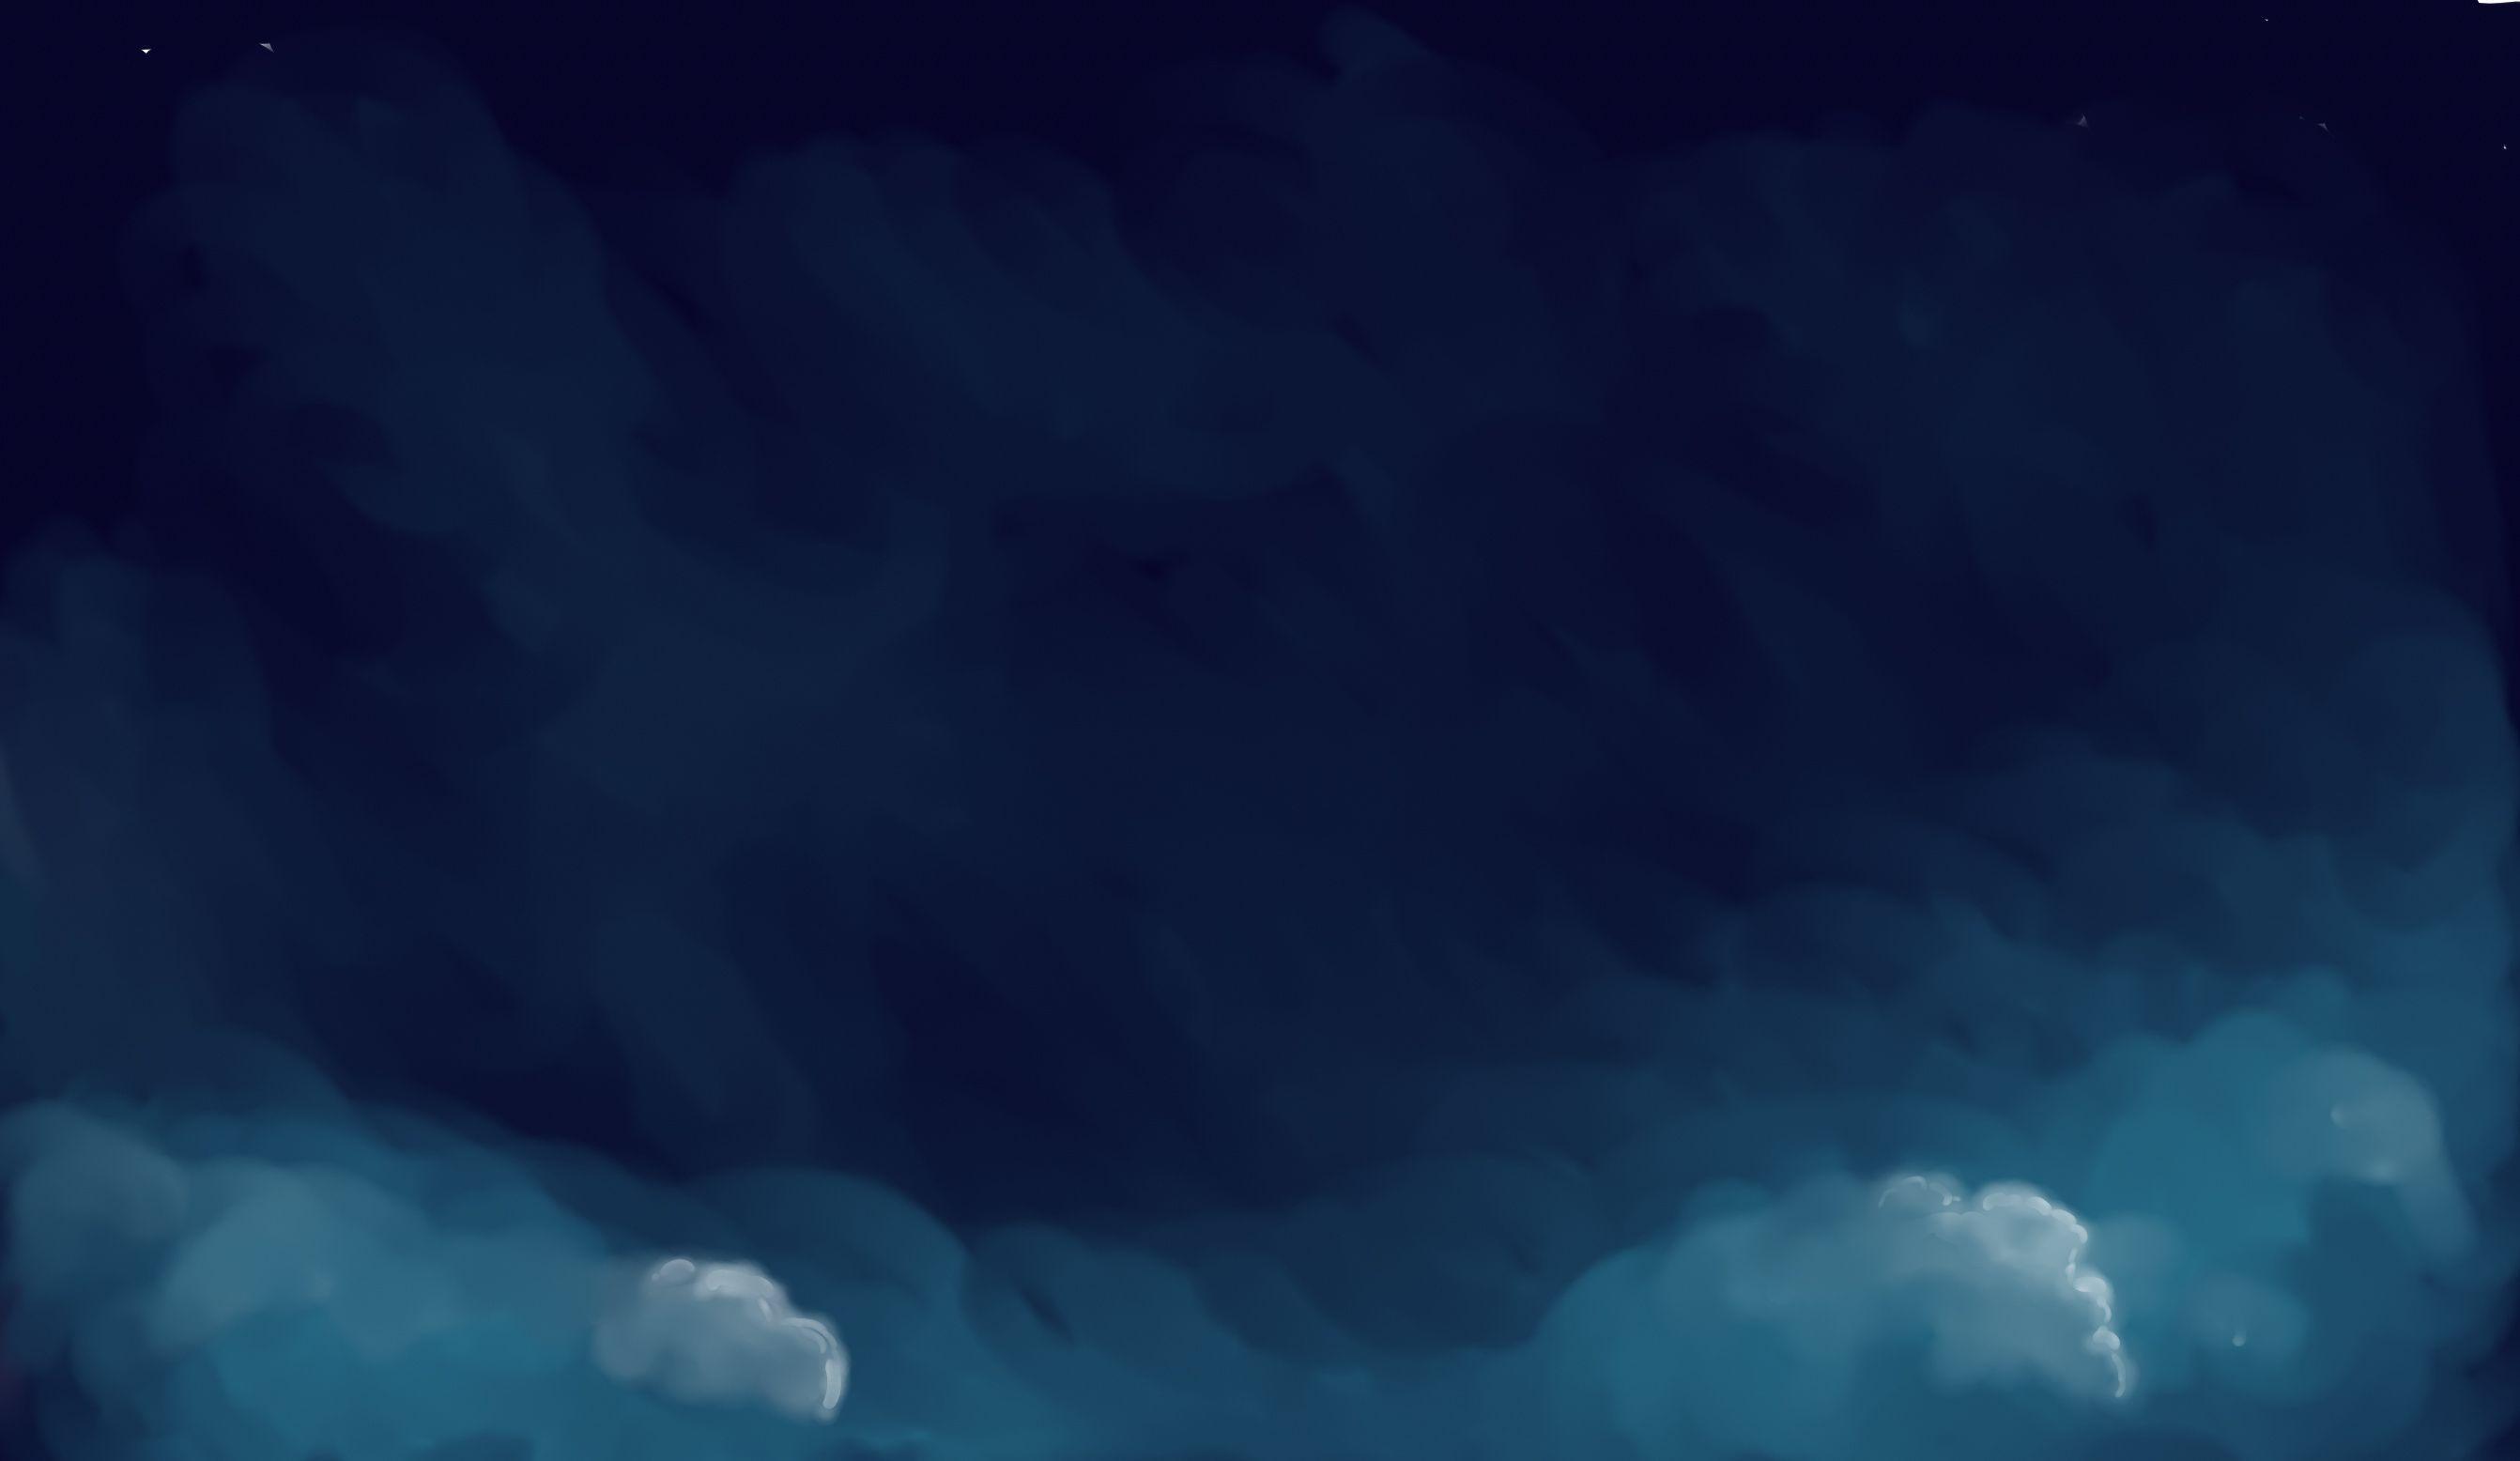 Fedora Desktop Wallpapers - Top Free Fedora Desktop